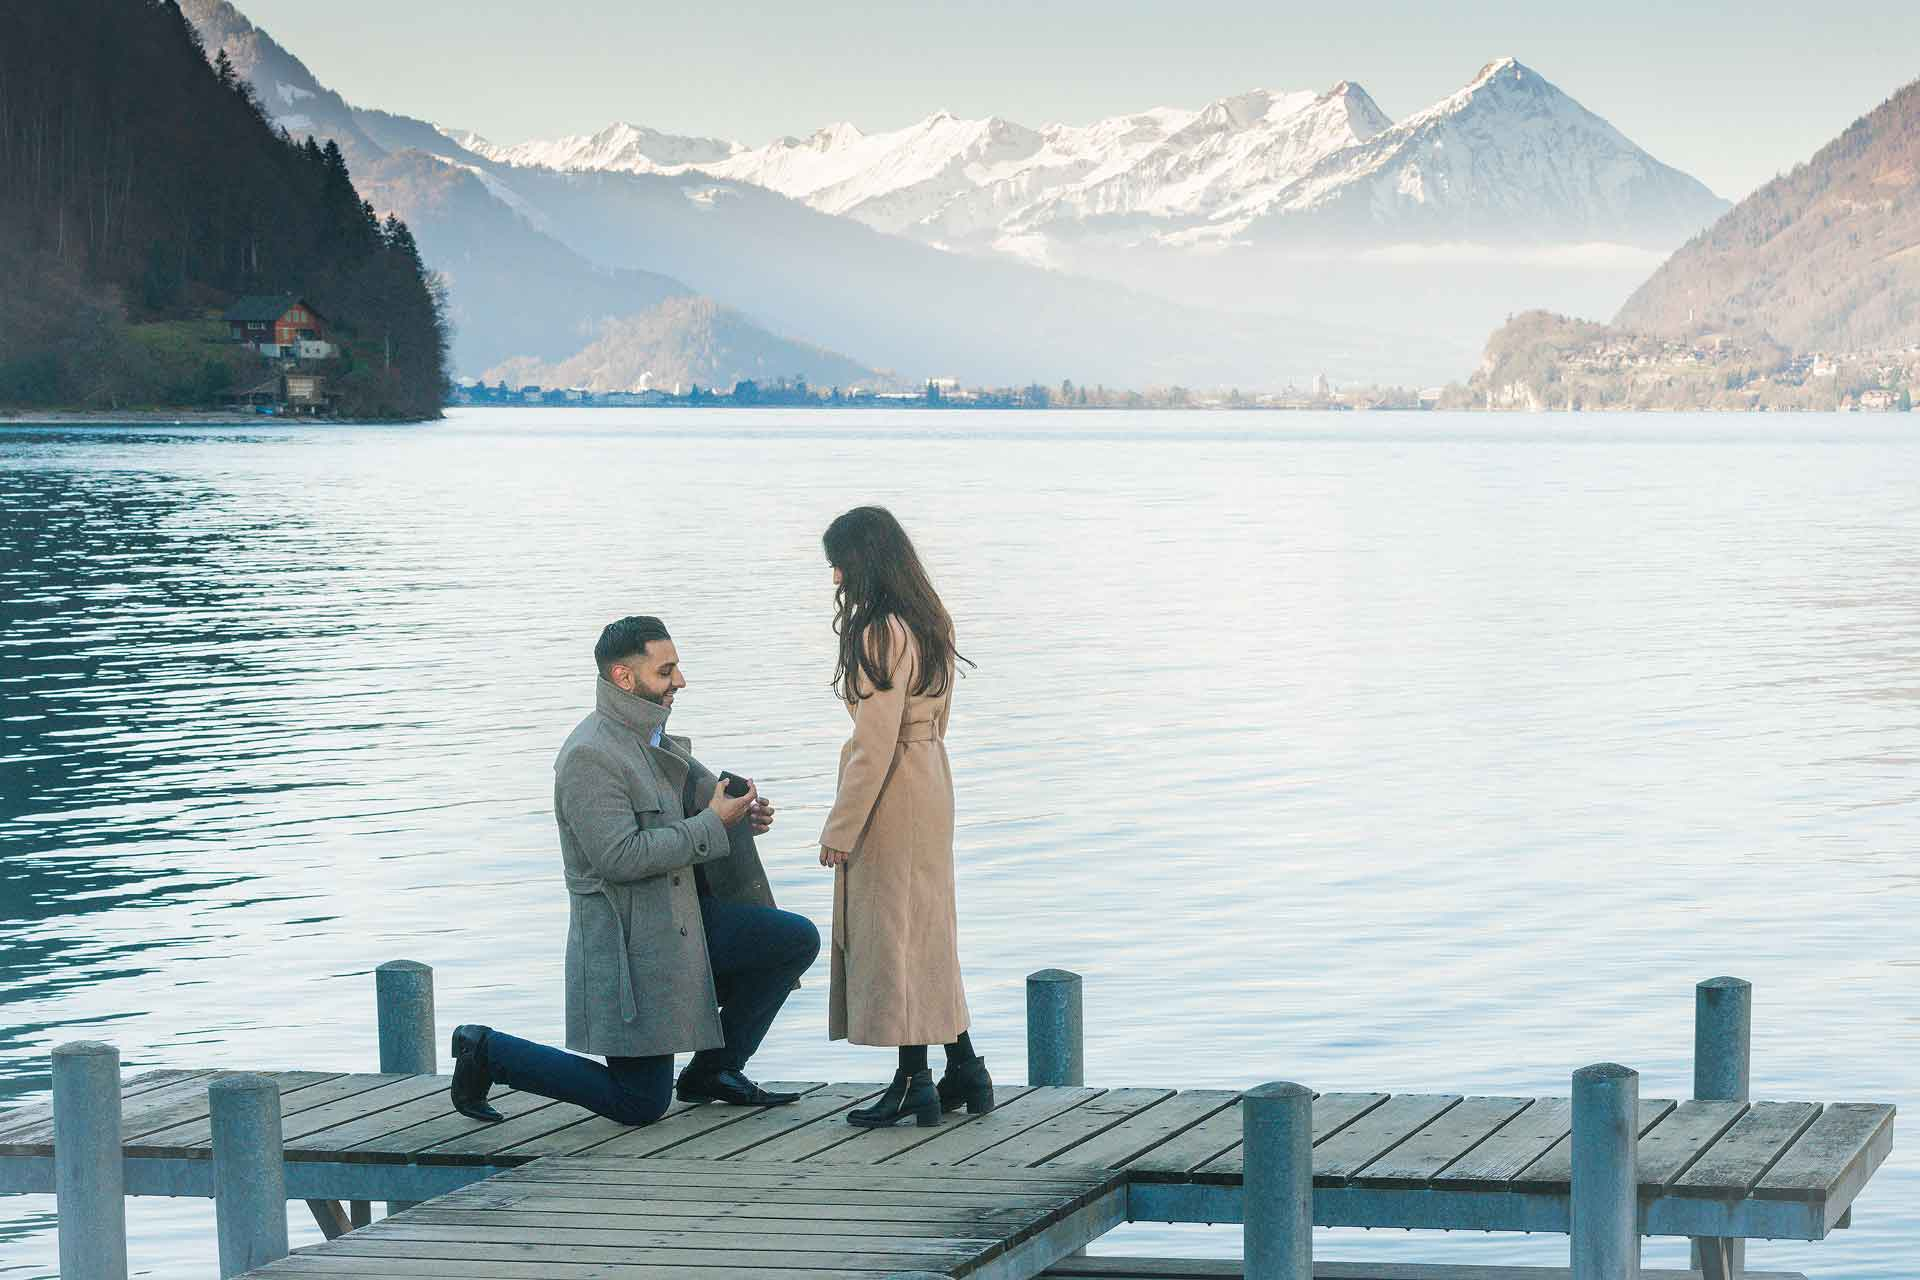 Surprise Engagement in Interlaken, Switzerland